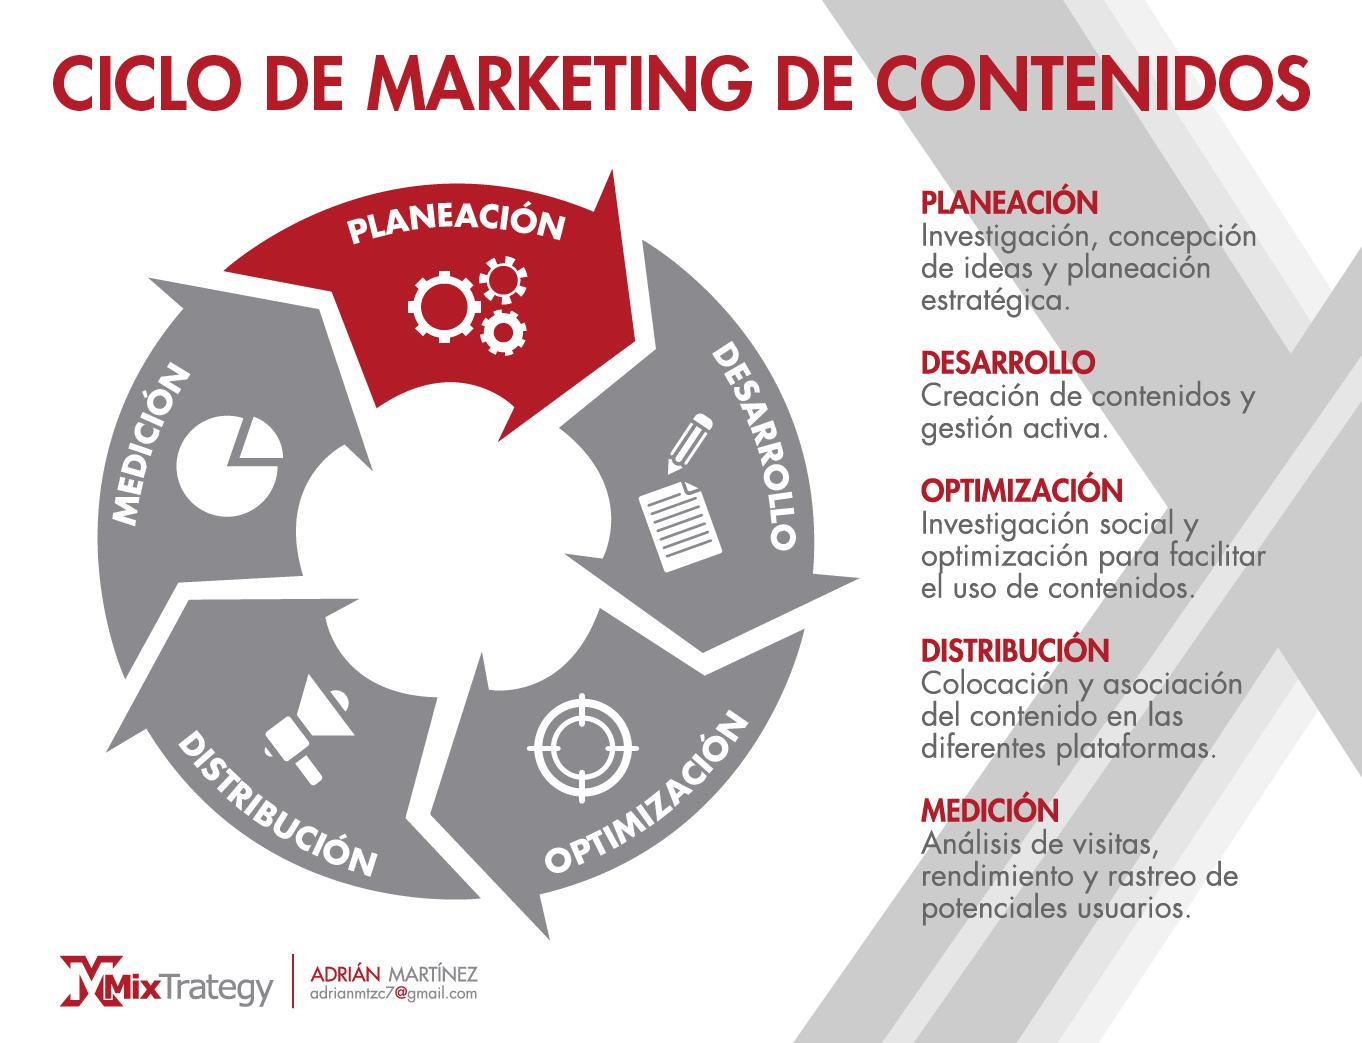 Ciclo de Marketing de Contenidos-01